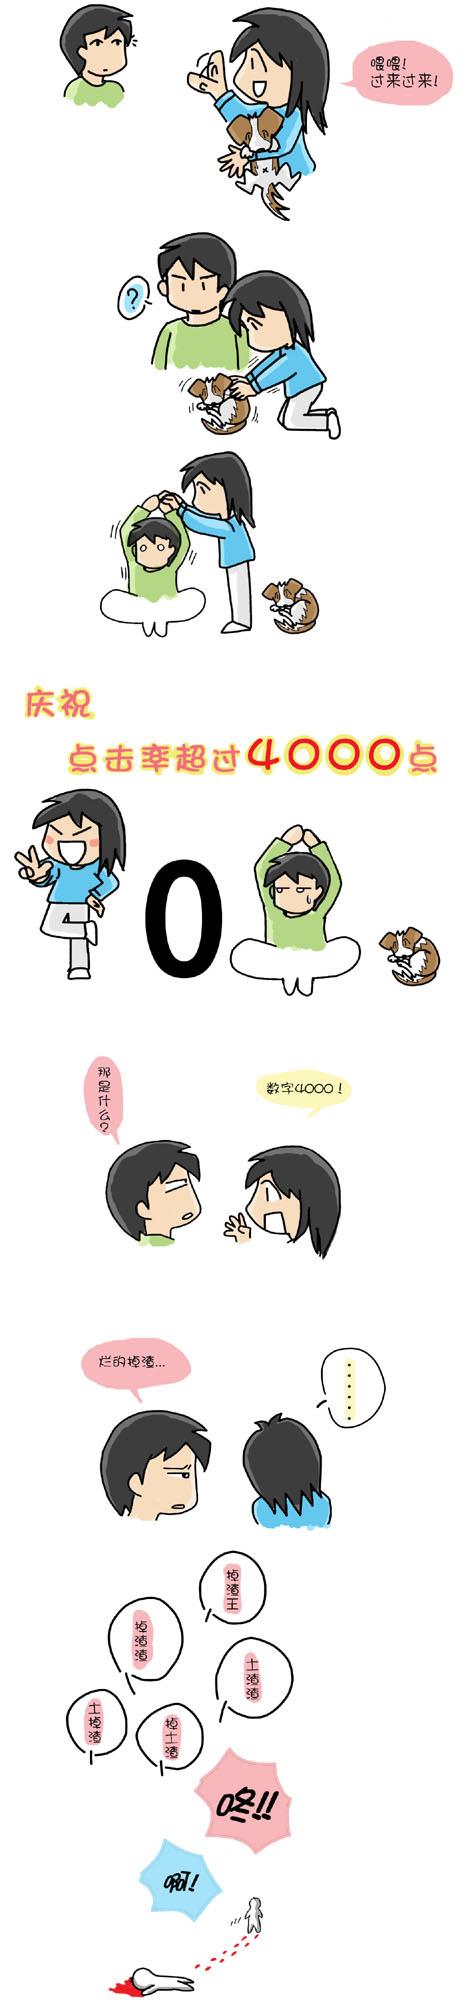 4000点大放送! - 小步 - 小步漫画日记